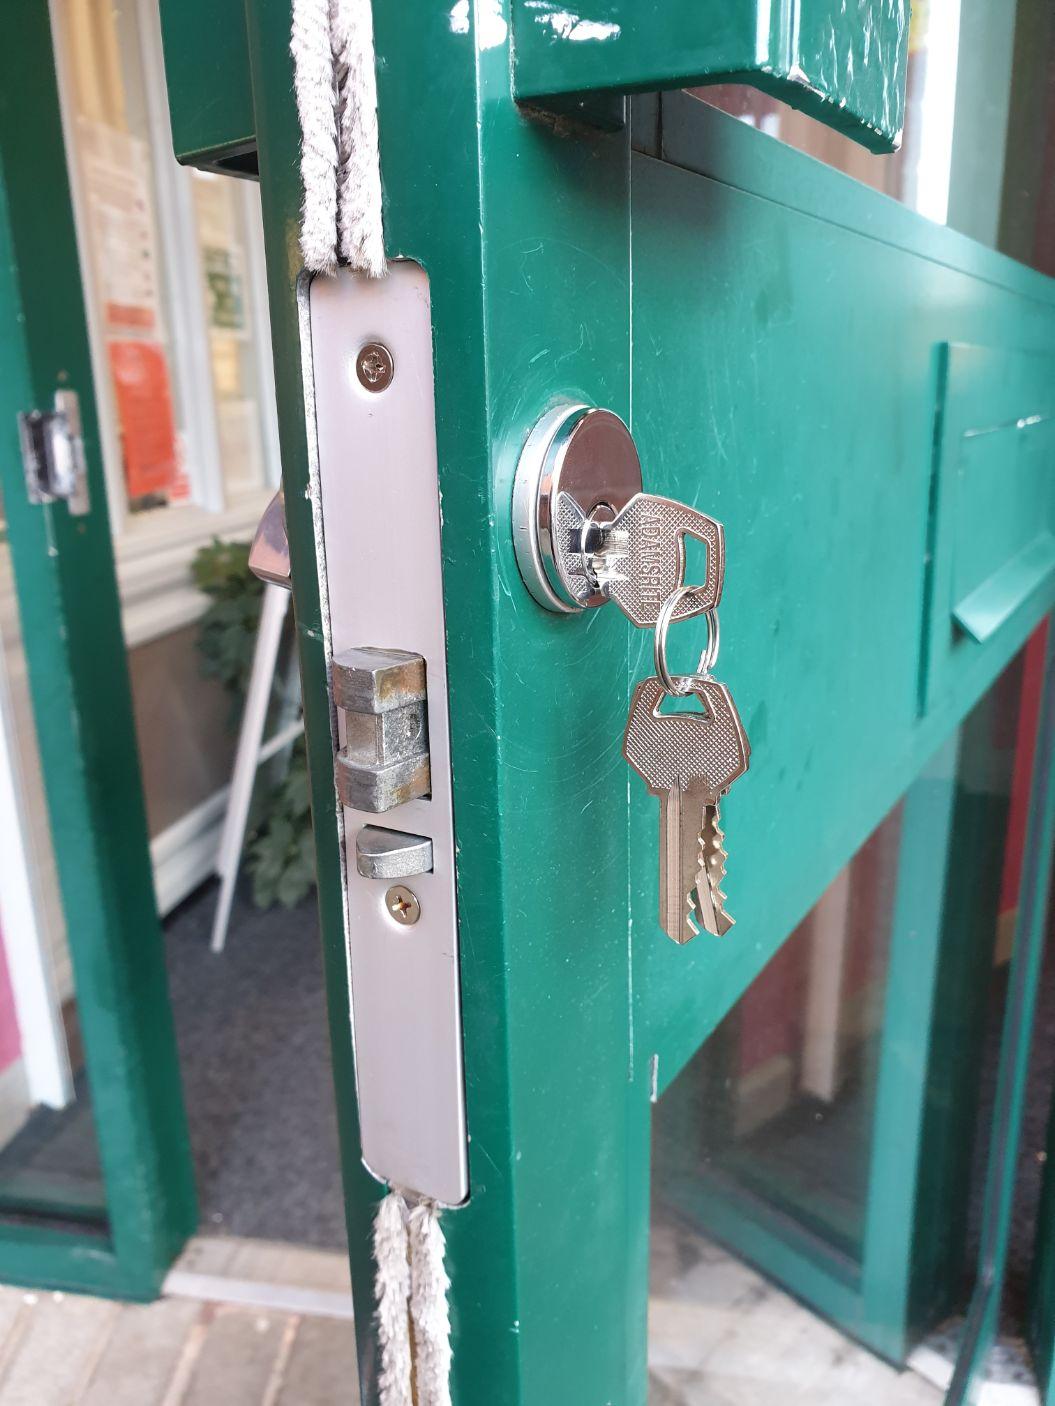 Lock Repairs in Cardiff